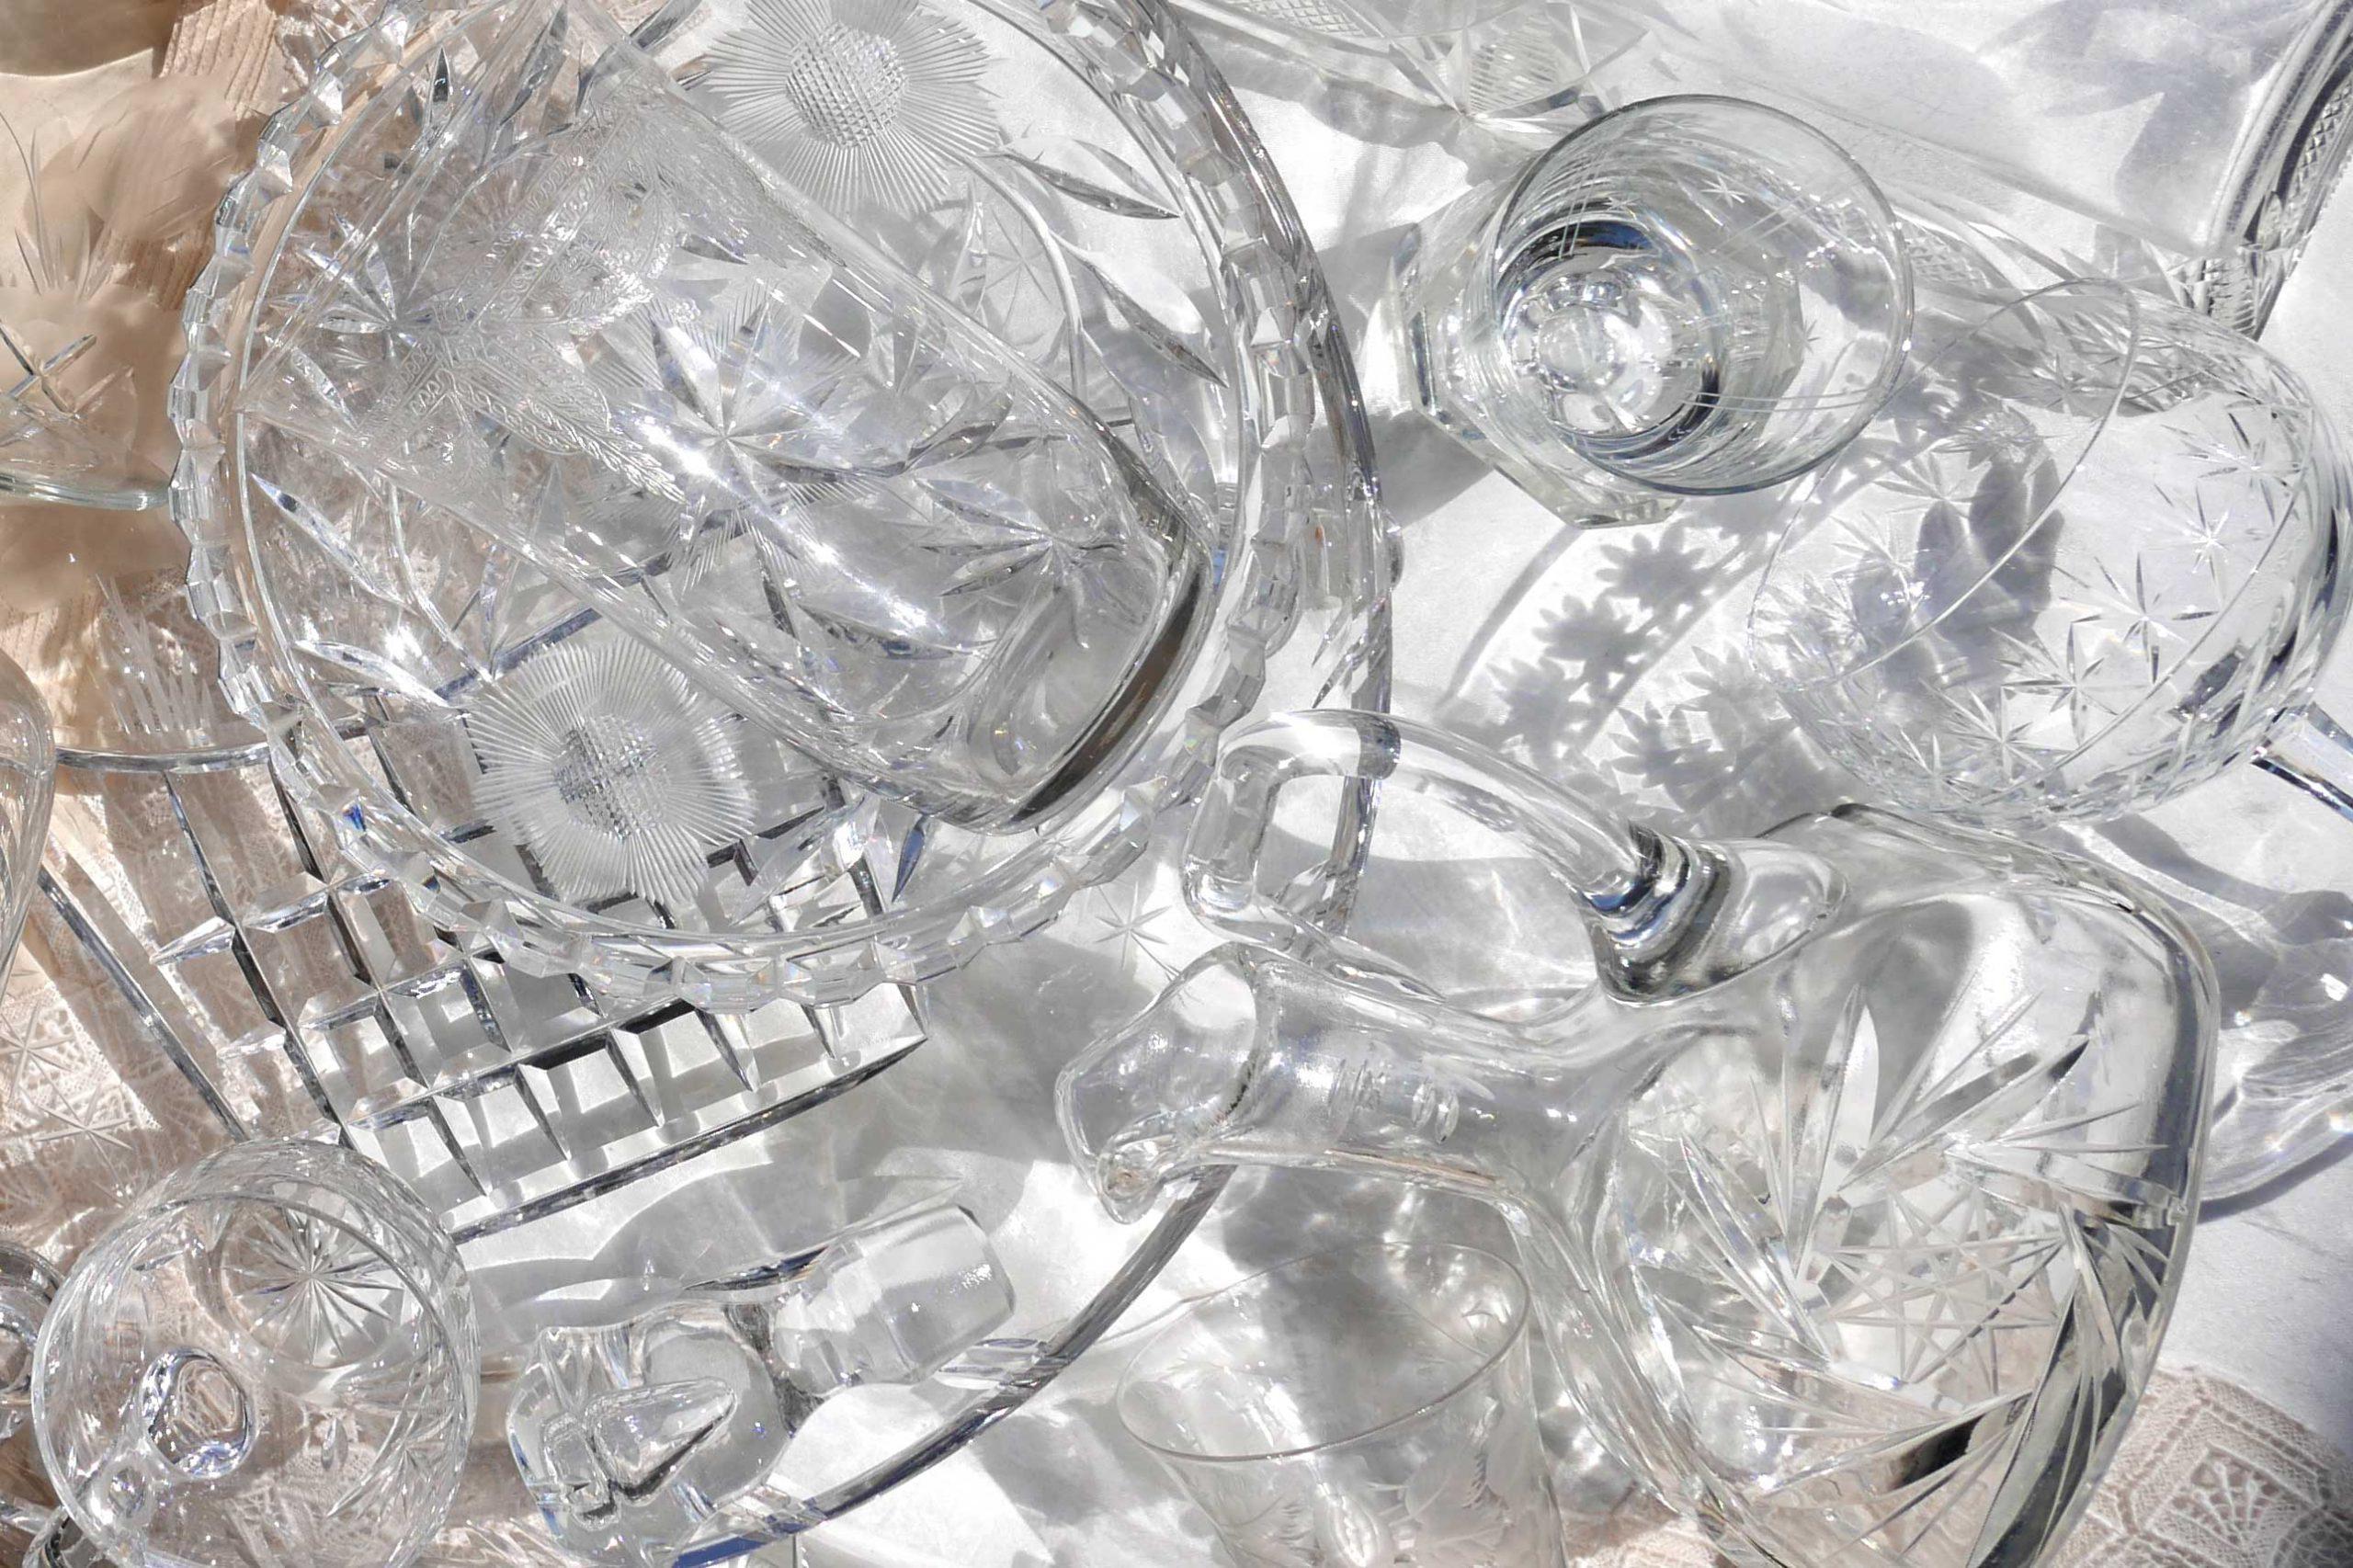 Kristallglas Klarheit der Schliffe und Facetten